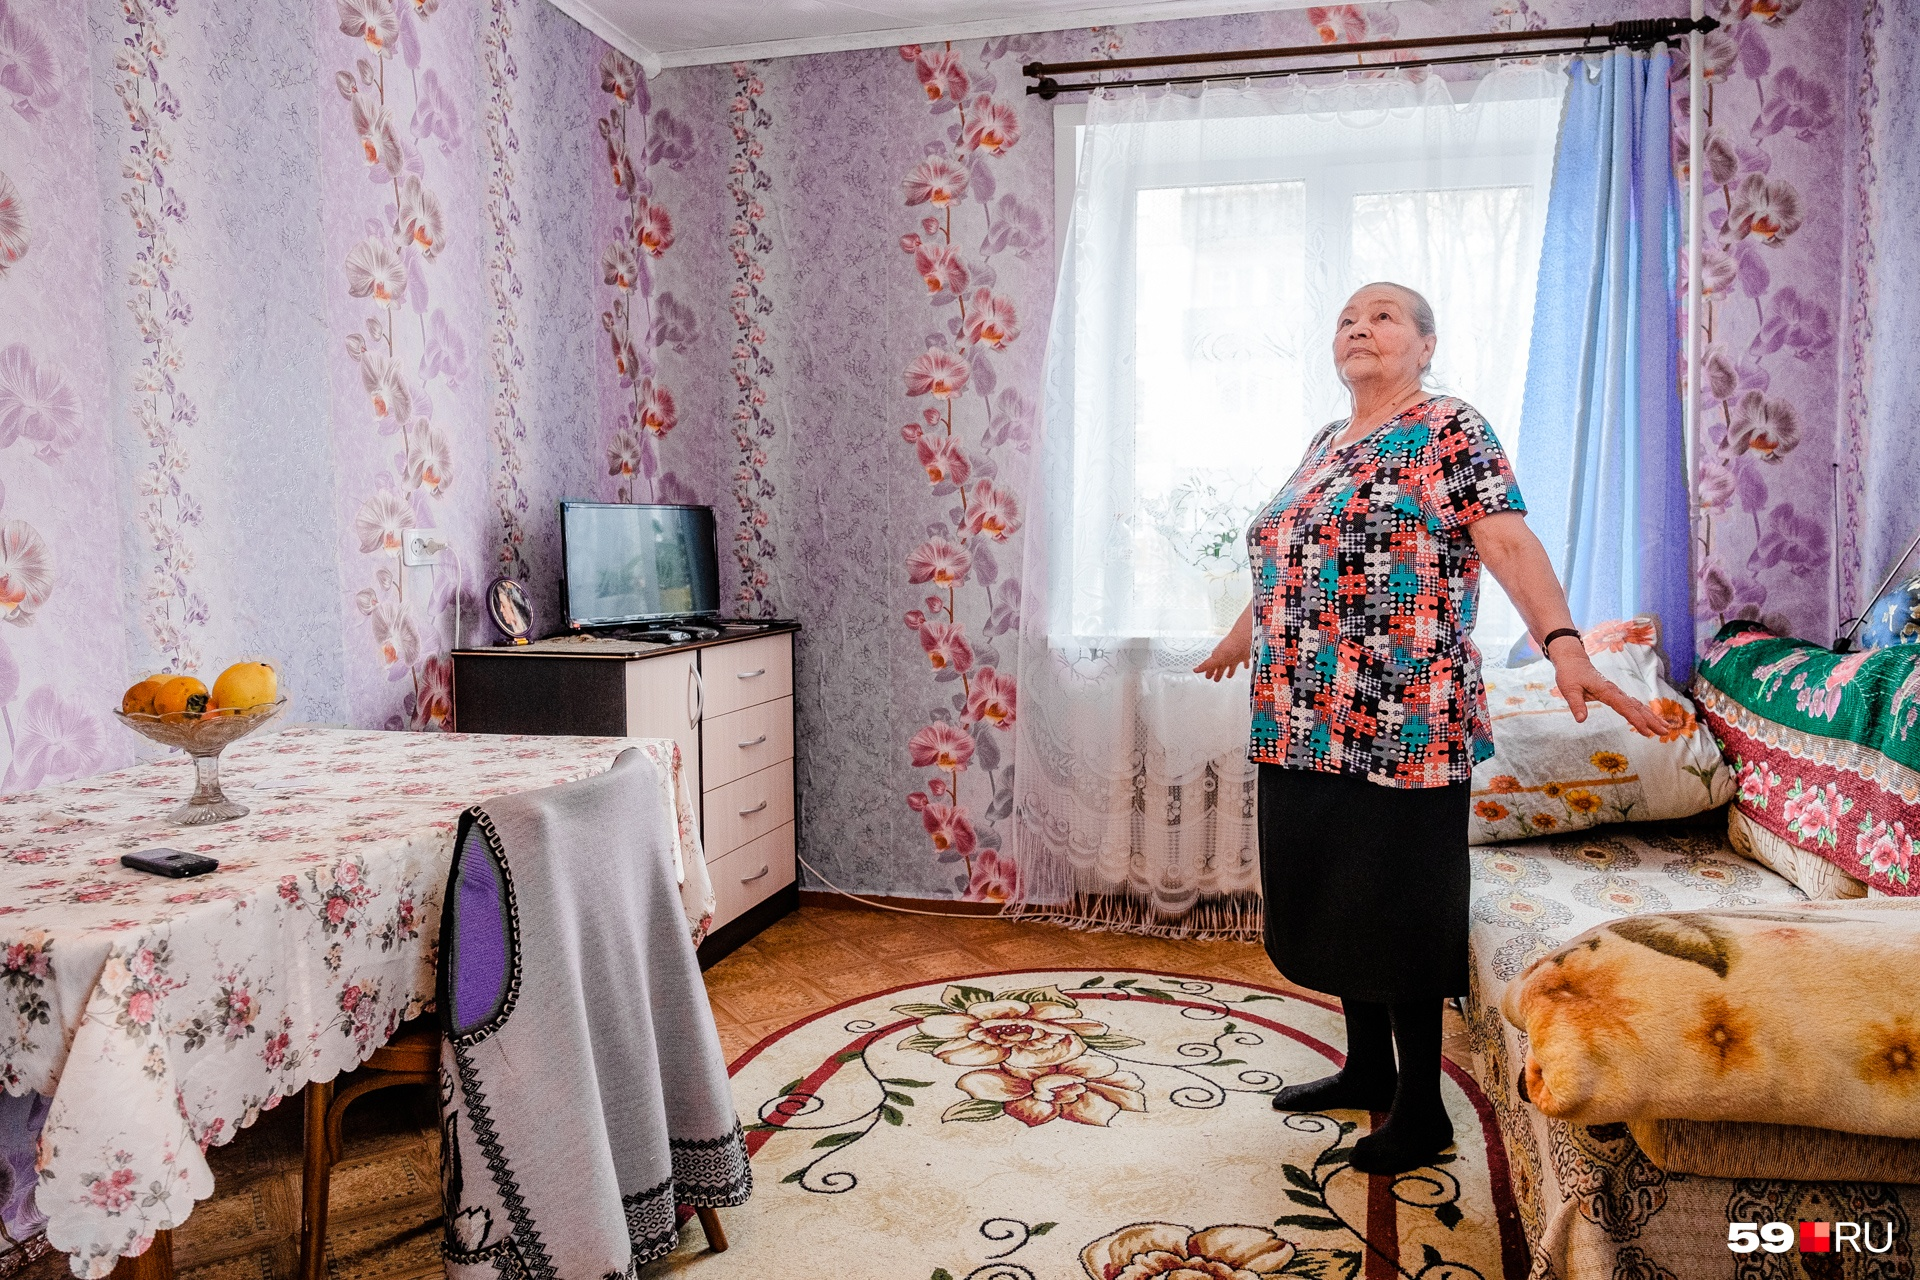 Галине Григорьевне тоже нравится в ее новом жилье